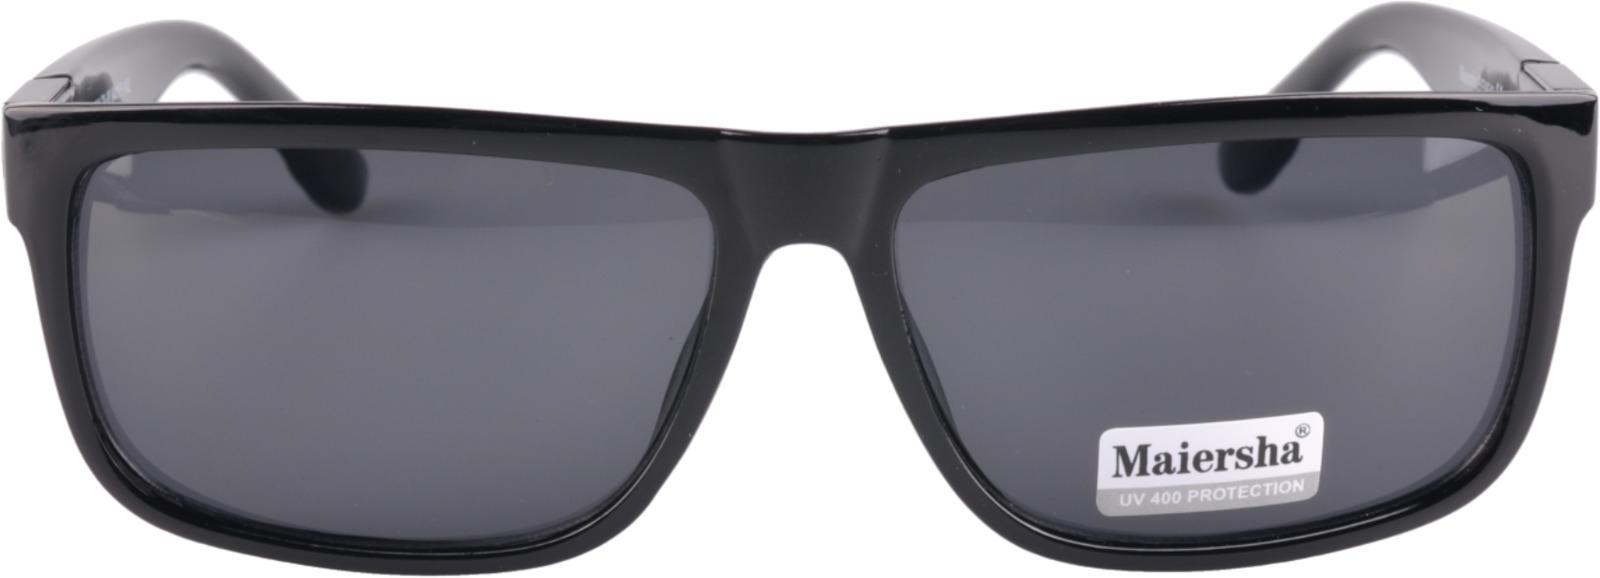 Очки солнцезащитные мужские Maiersha, 3811 С9-08, коричневый